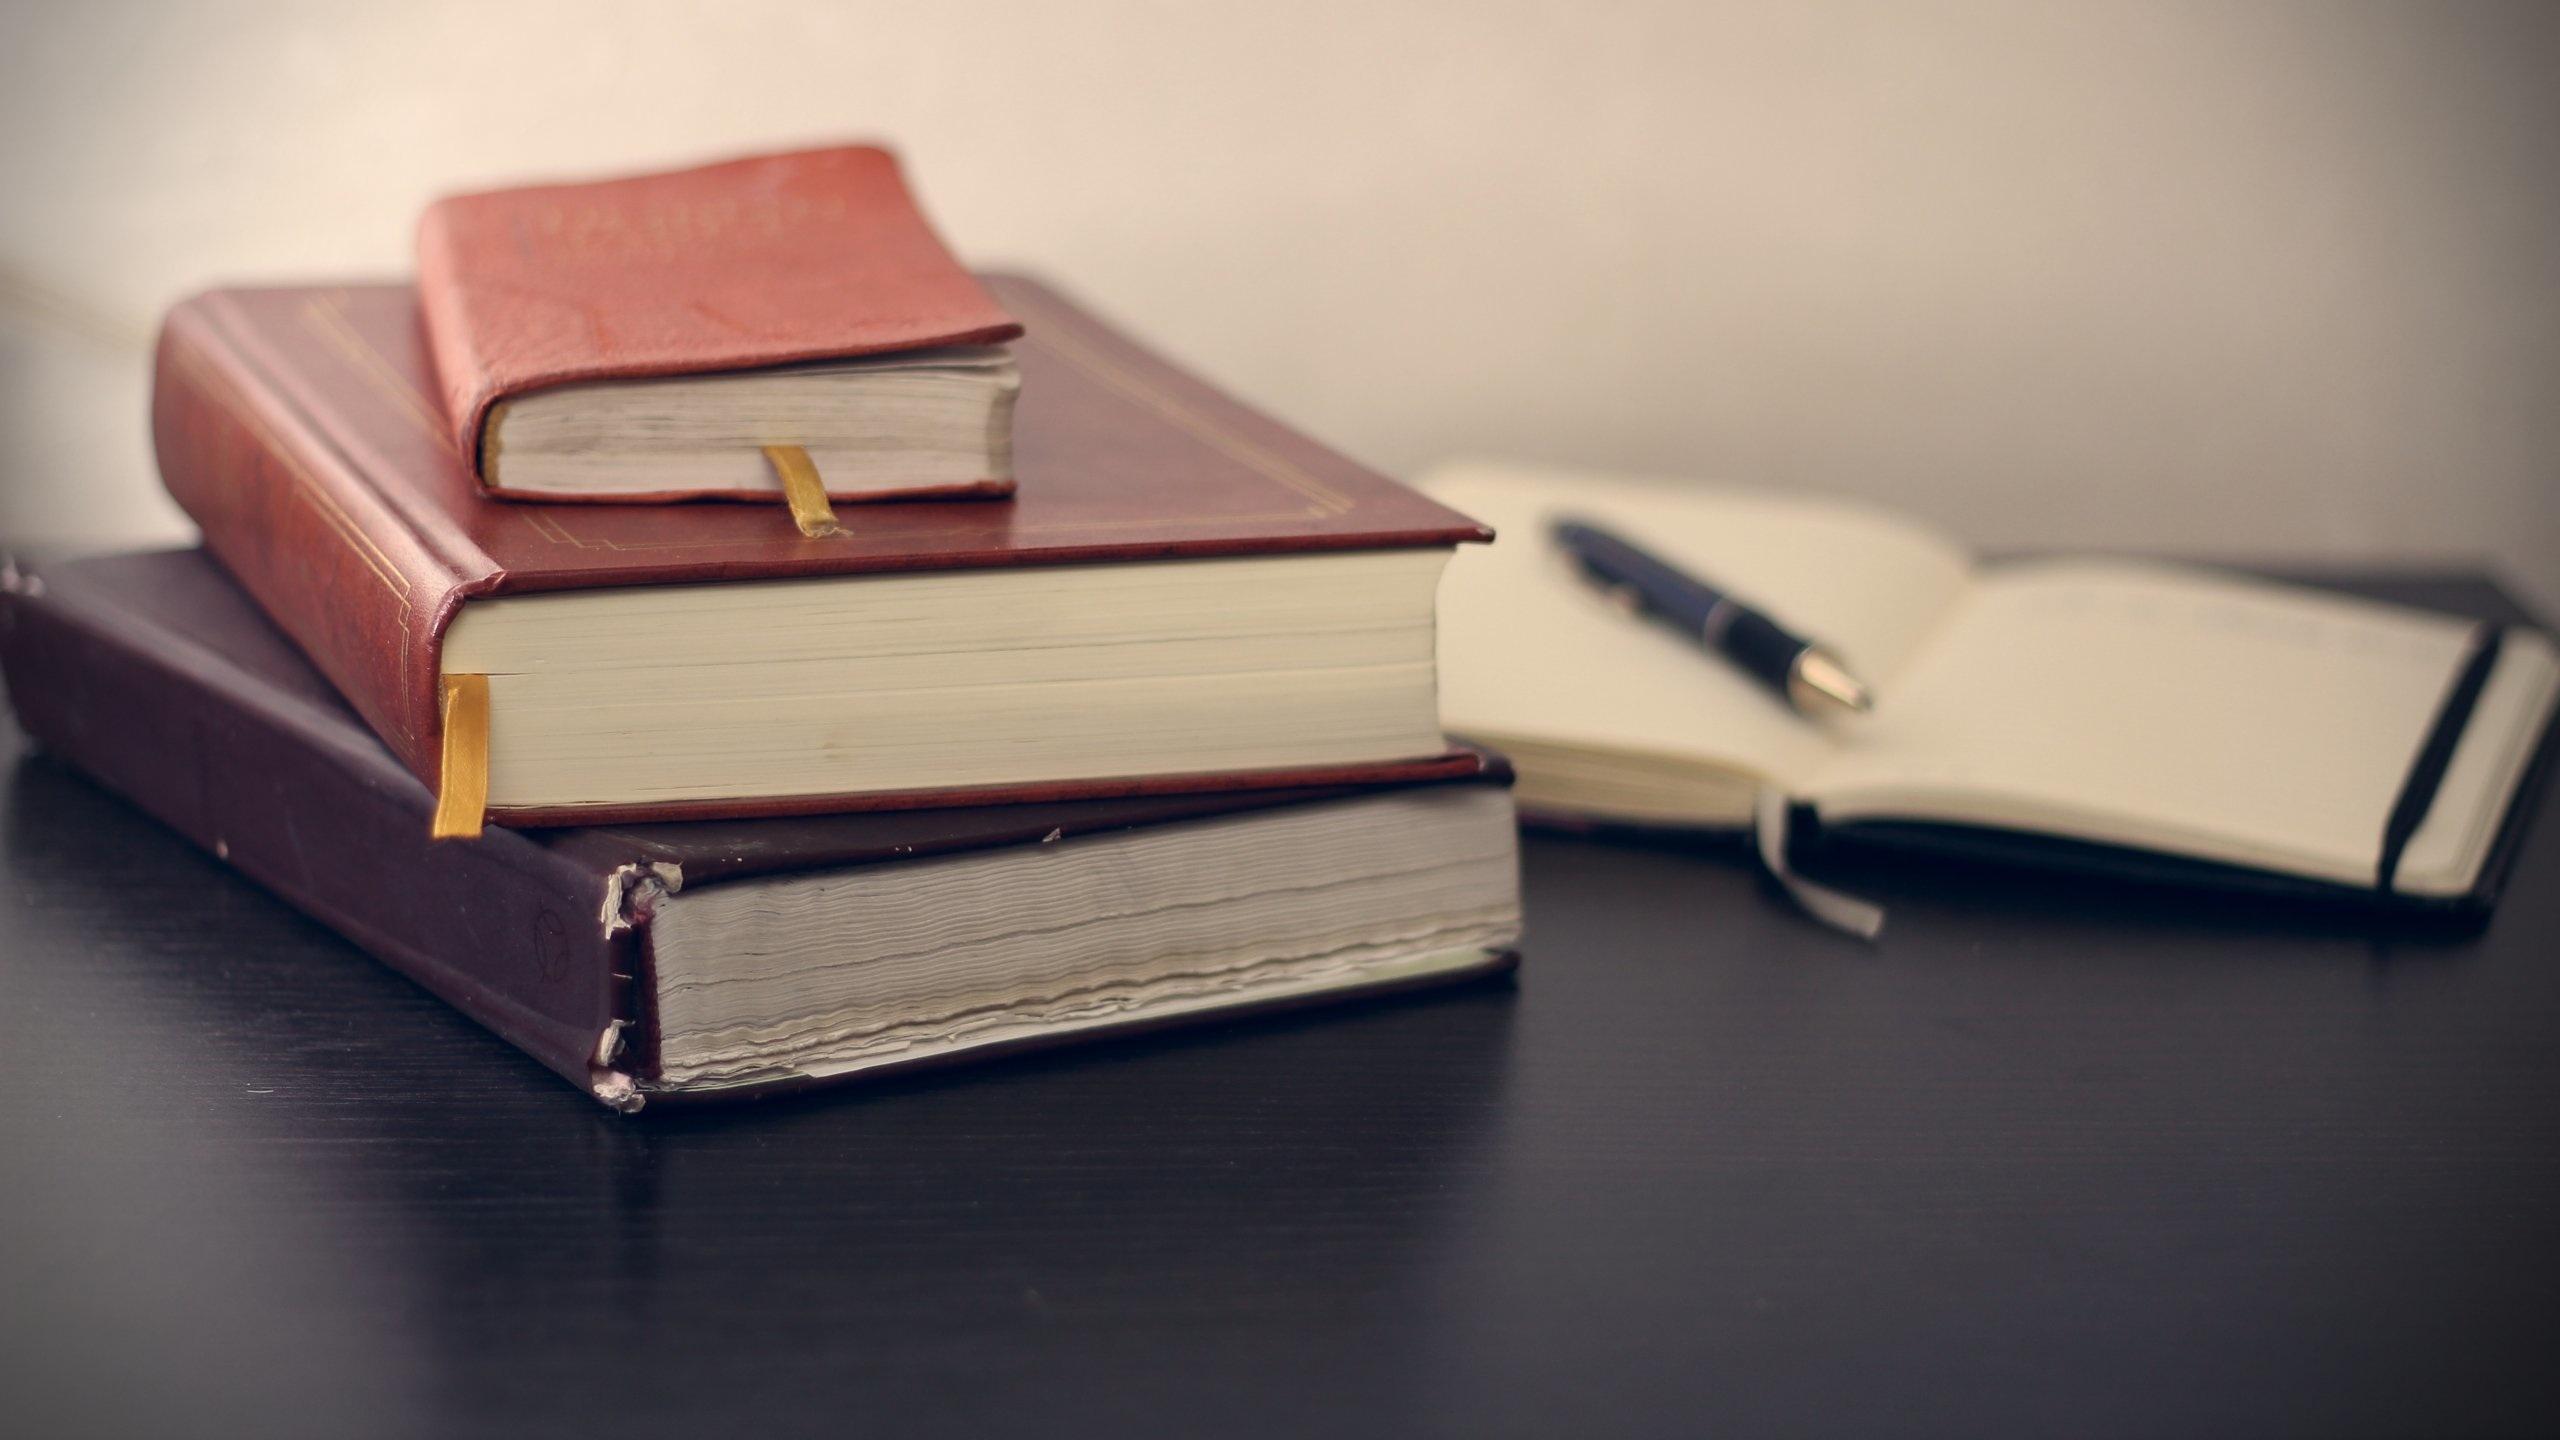 Fotografía de libros